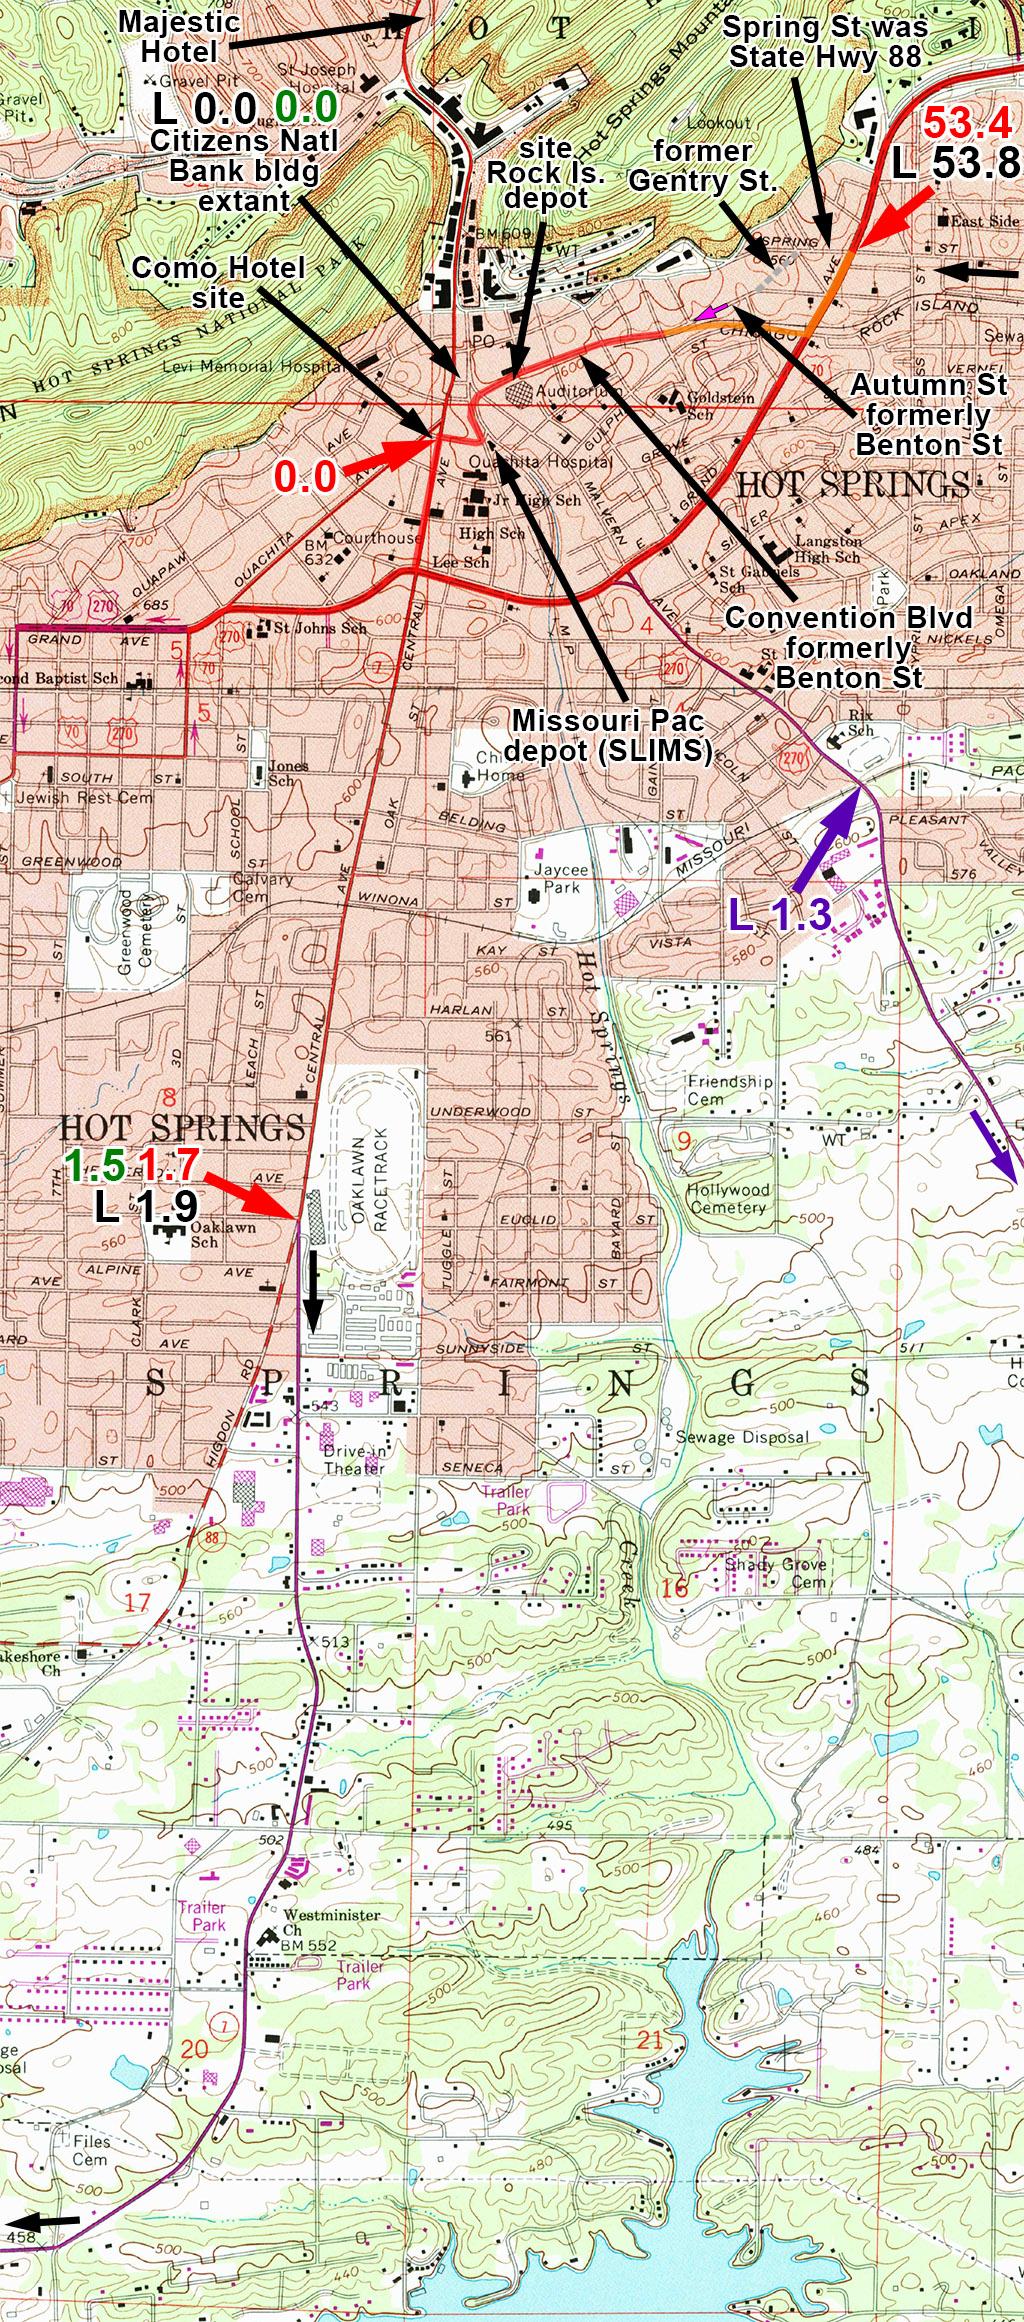 Purple The Eastern Route To Arkadelphia Via Malvern Green 1928 Acsc Strip Map Mileages